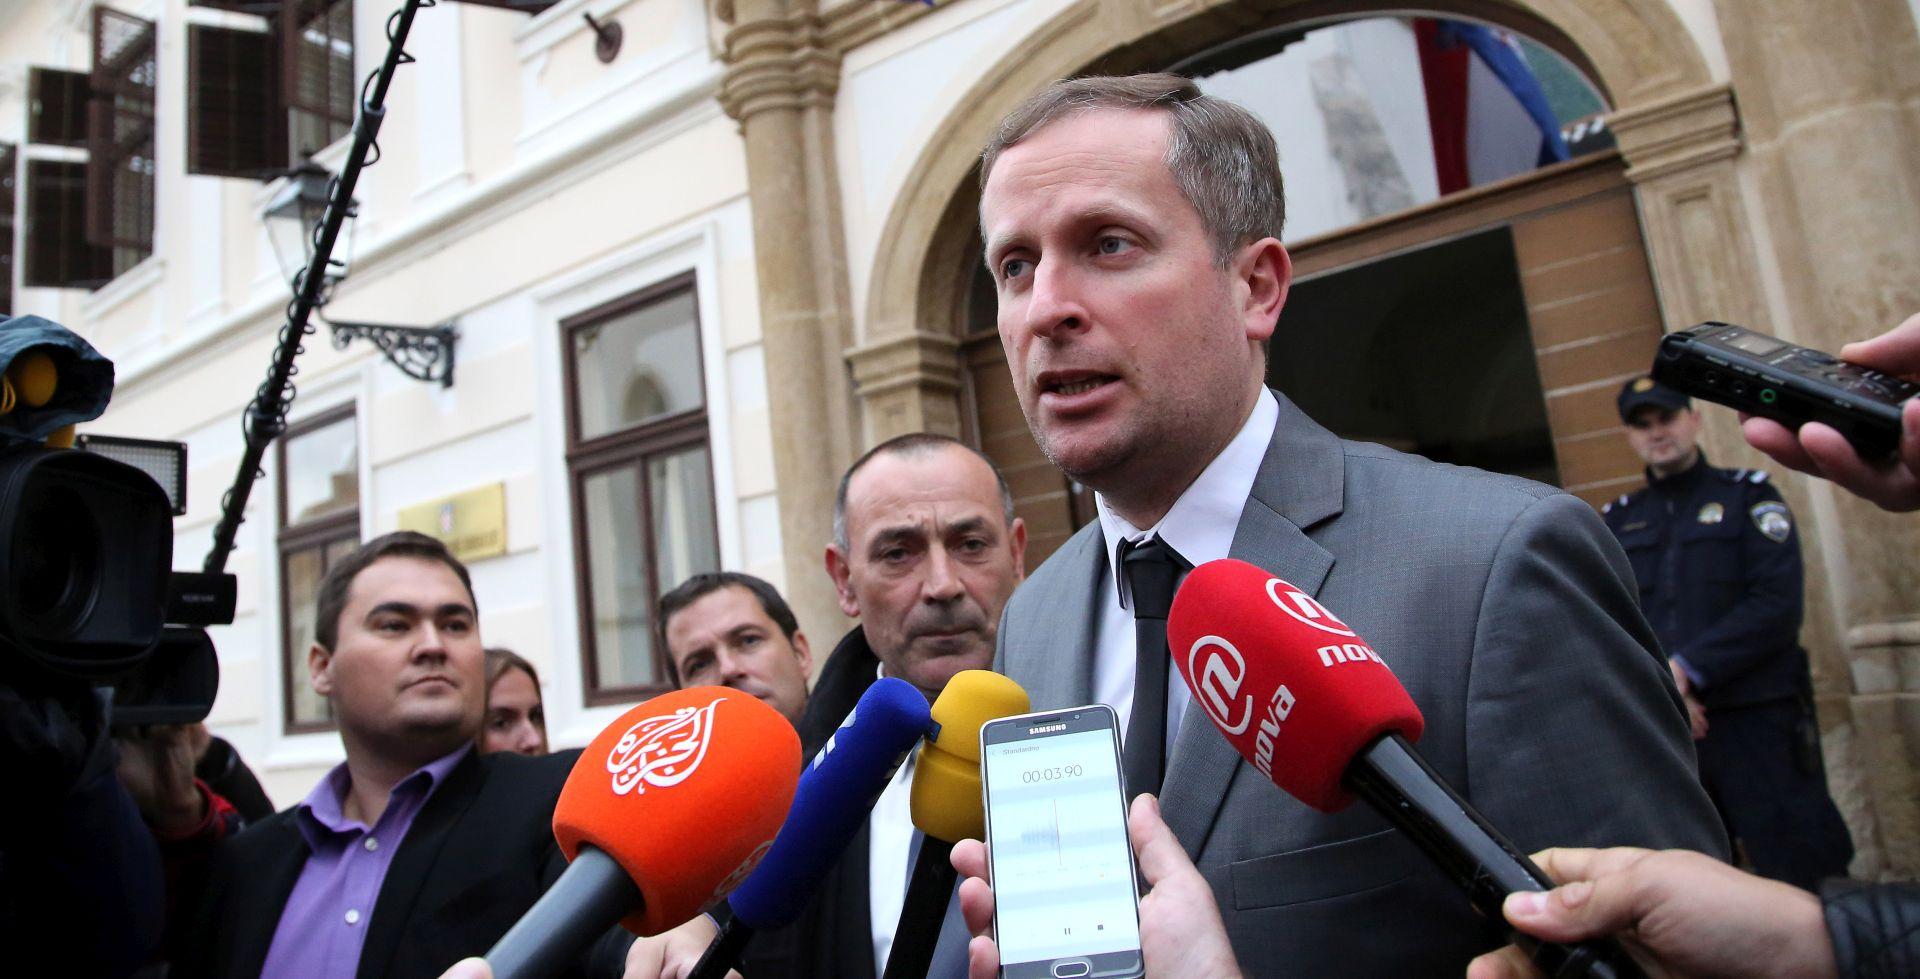 ŠPRLJE: Uskoro će biti gotov popis dokumenata koji su bili predani tužiteljstvima BiH i Srbije